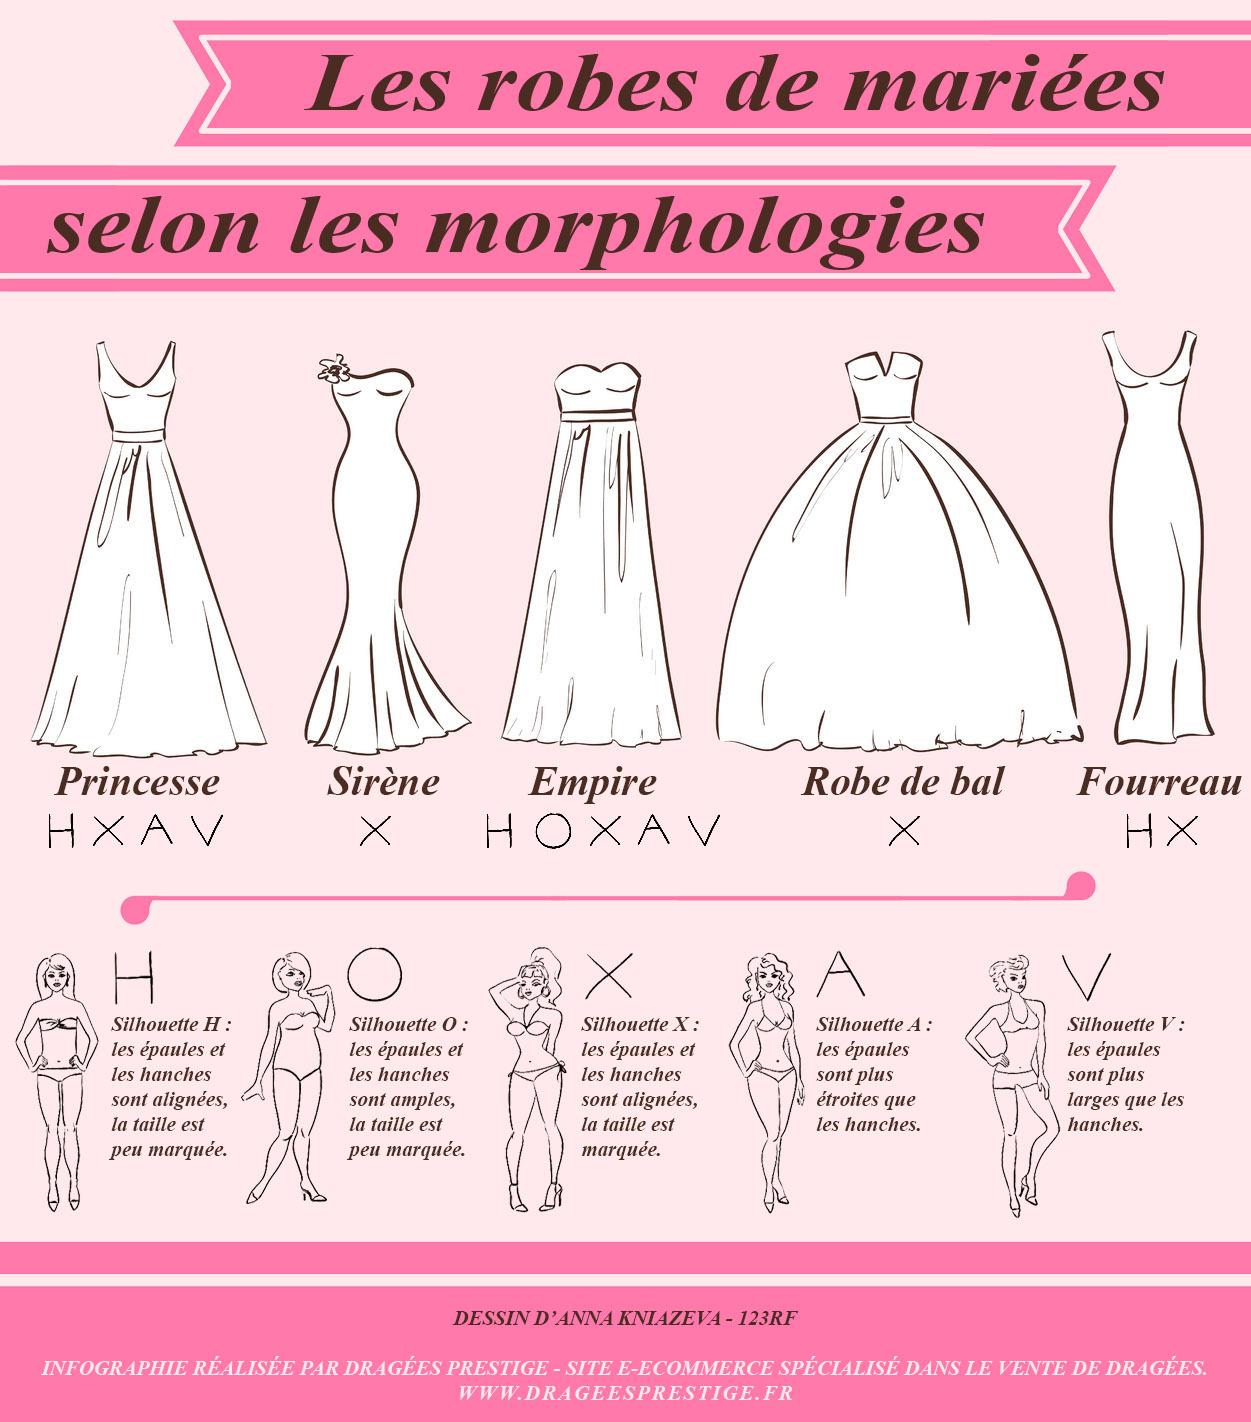 Comment bien choisir sa robe de mariée selon